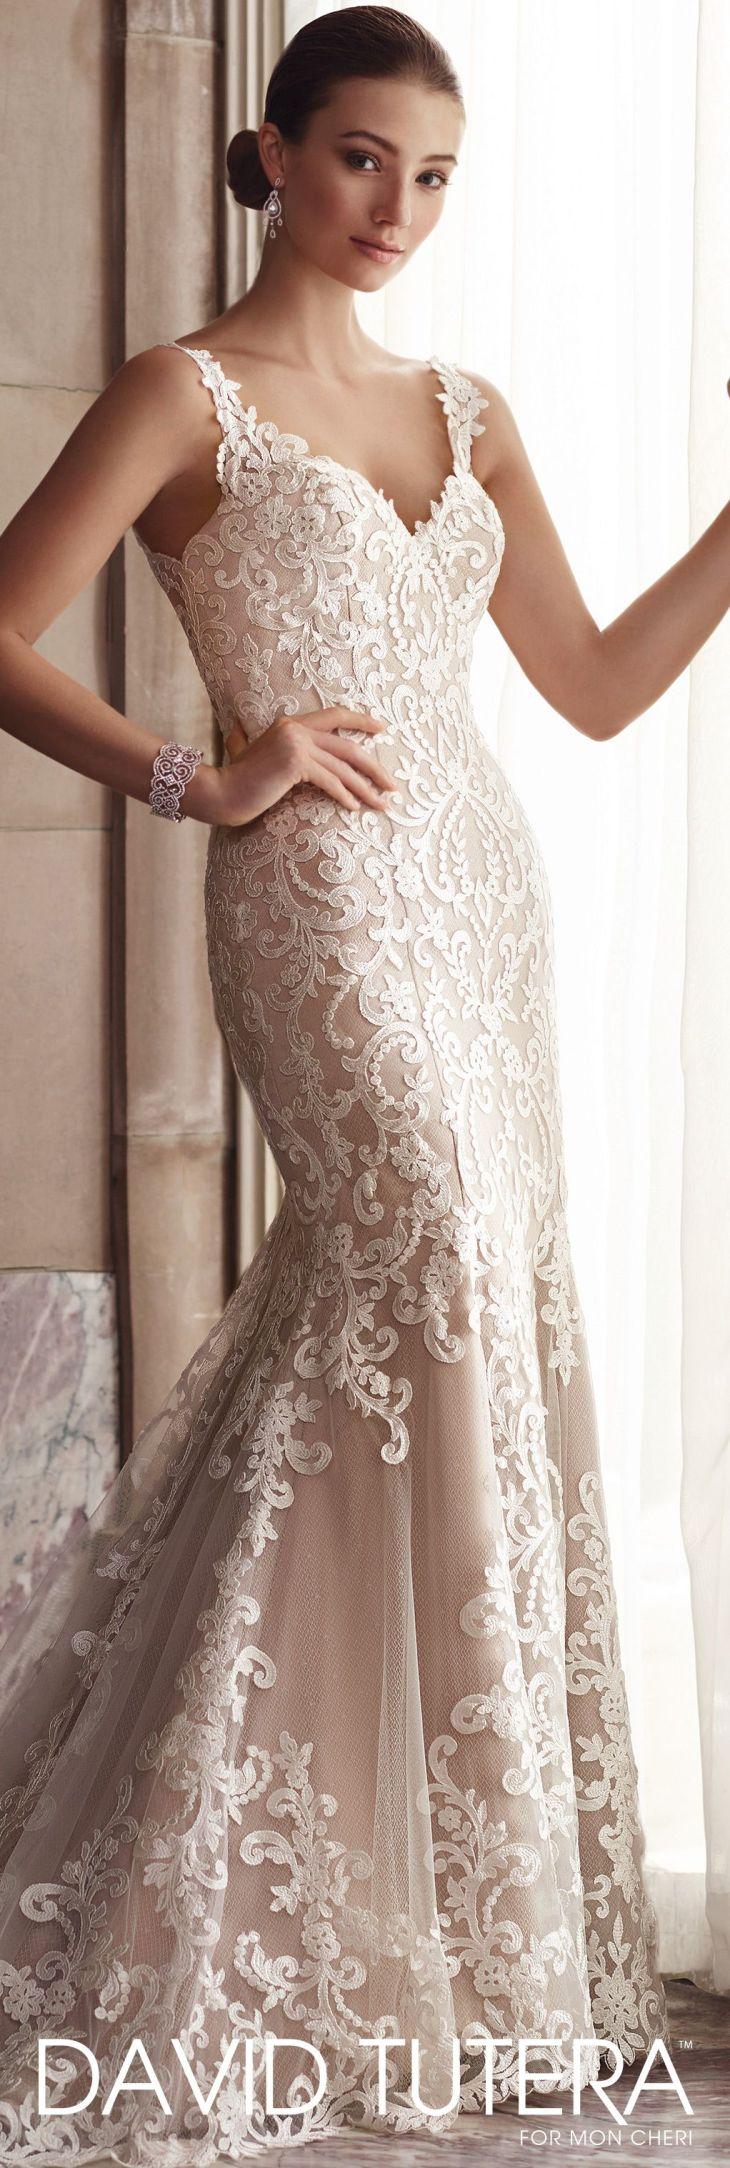 Sleeveless Fit u Flare Lace Wedding Dress  Amber  David